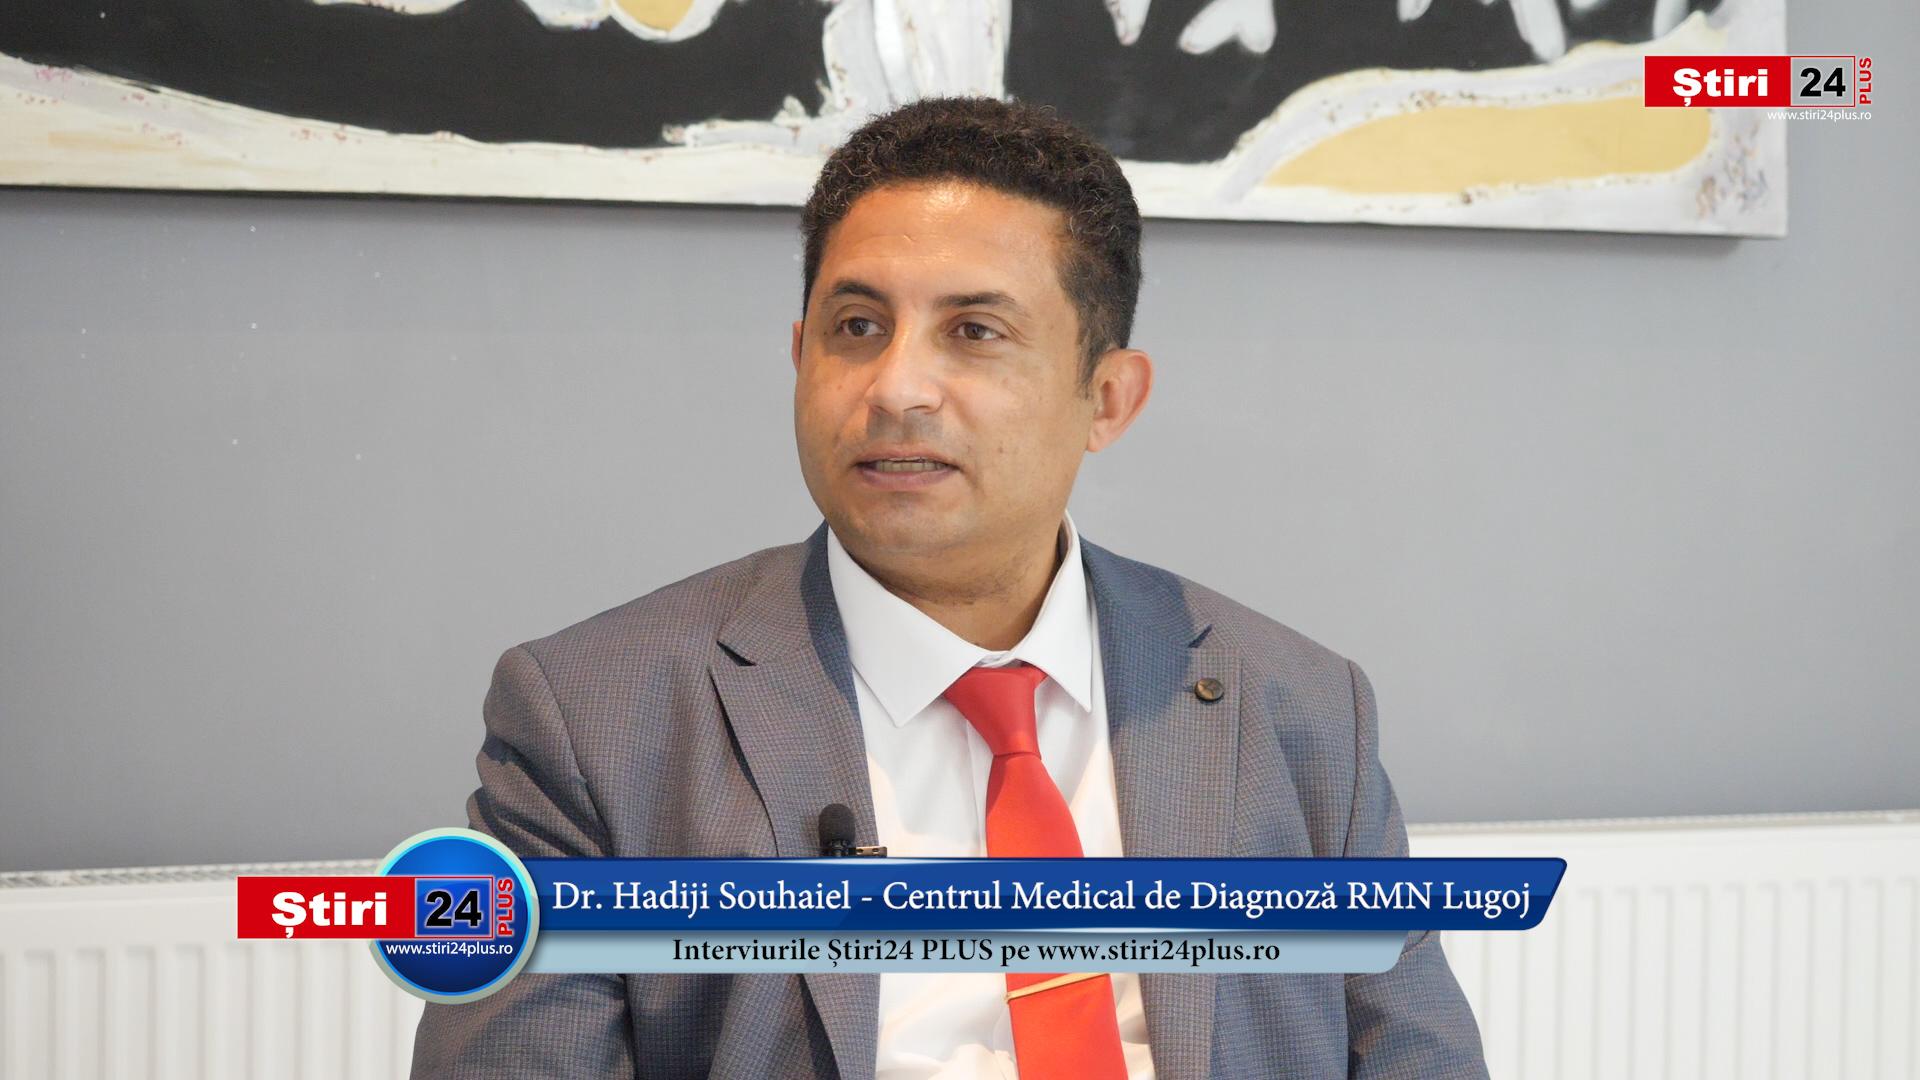 Interviu Știri24 PLUS cu Dr. Hadiji Souhaiel – Lugojul are cel mai performant RMN din vestul țării, grație unei investiții private!